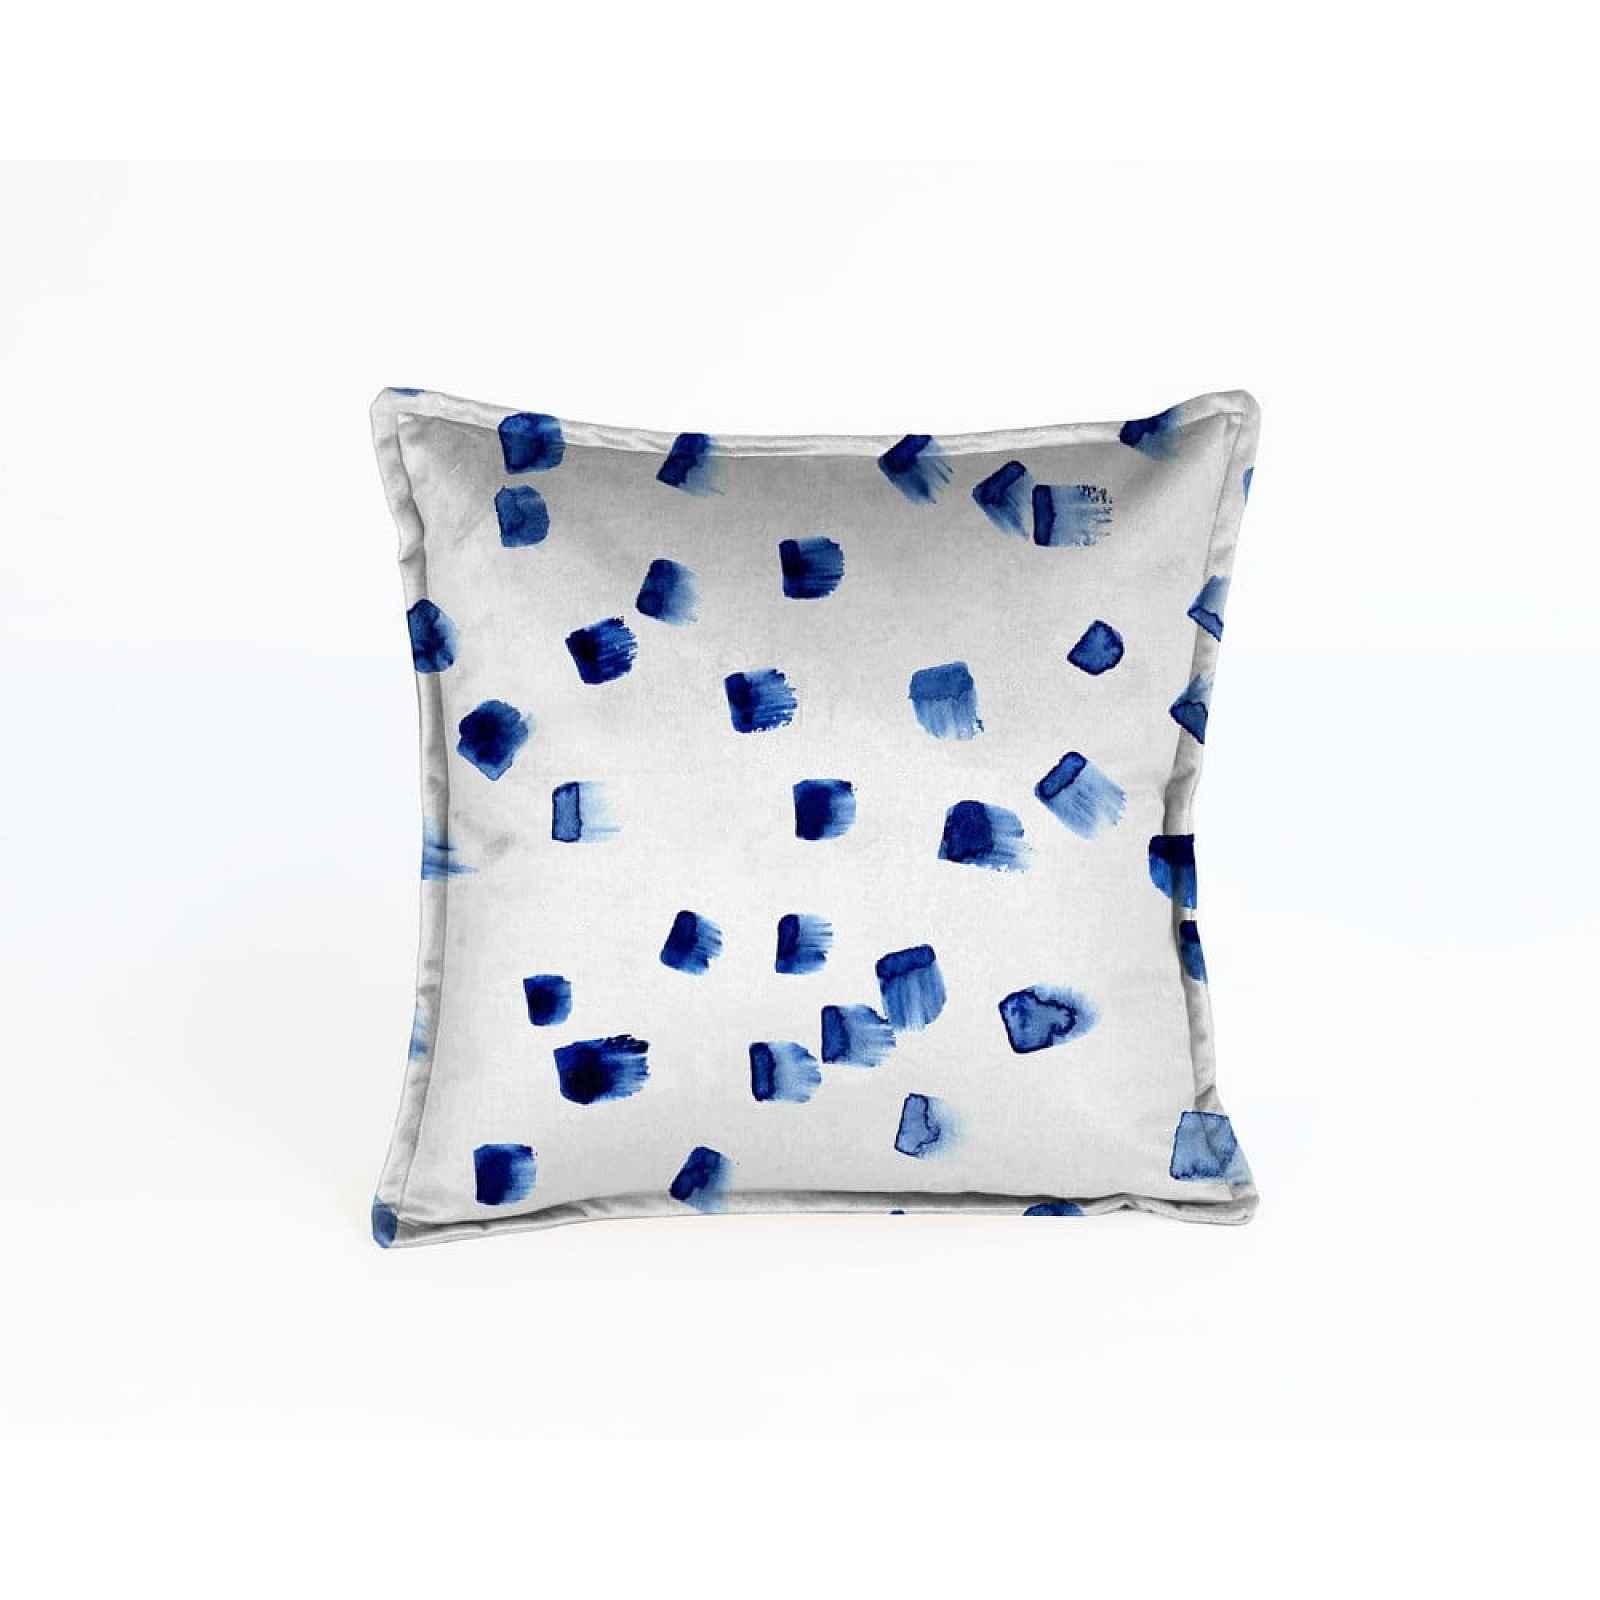 Modro-šedý sametový polštář Velvet Atelier Mallorca,45x45cm